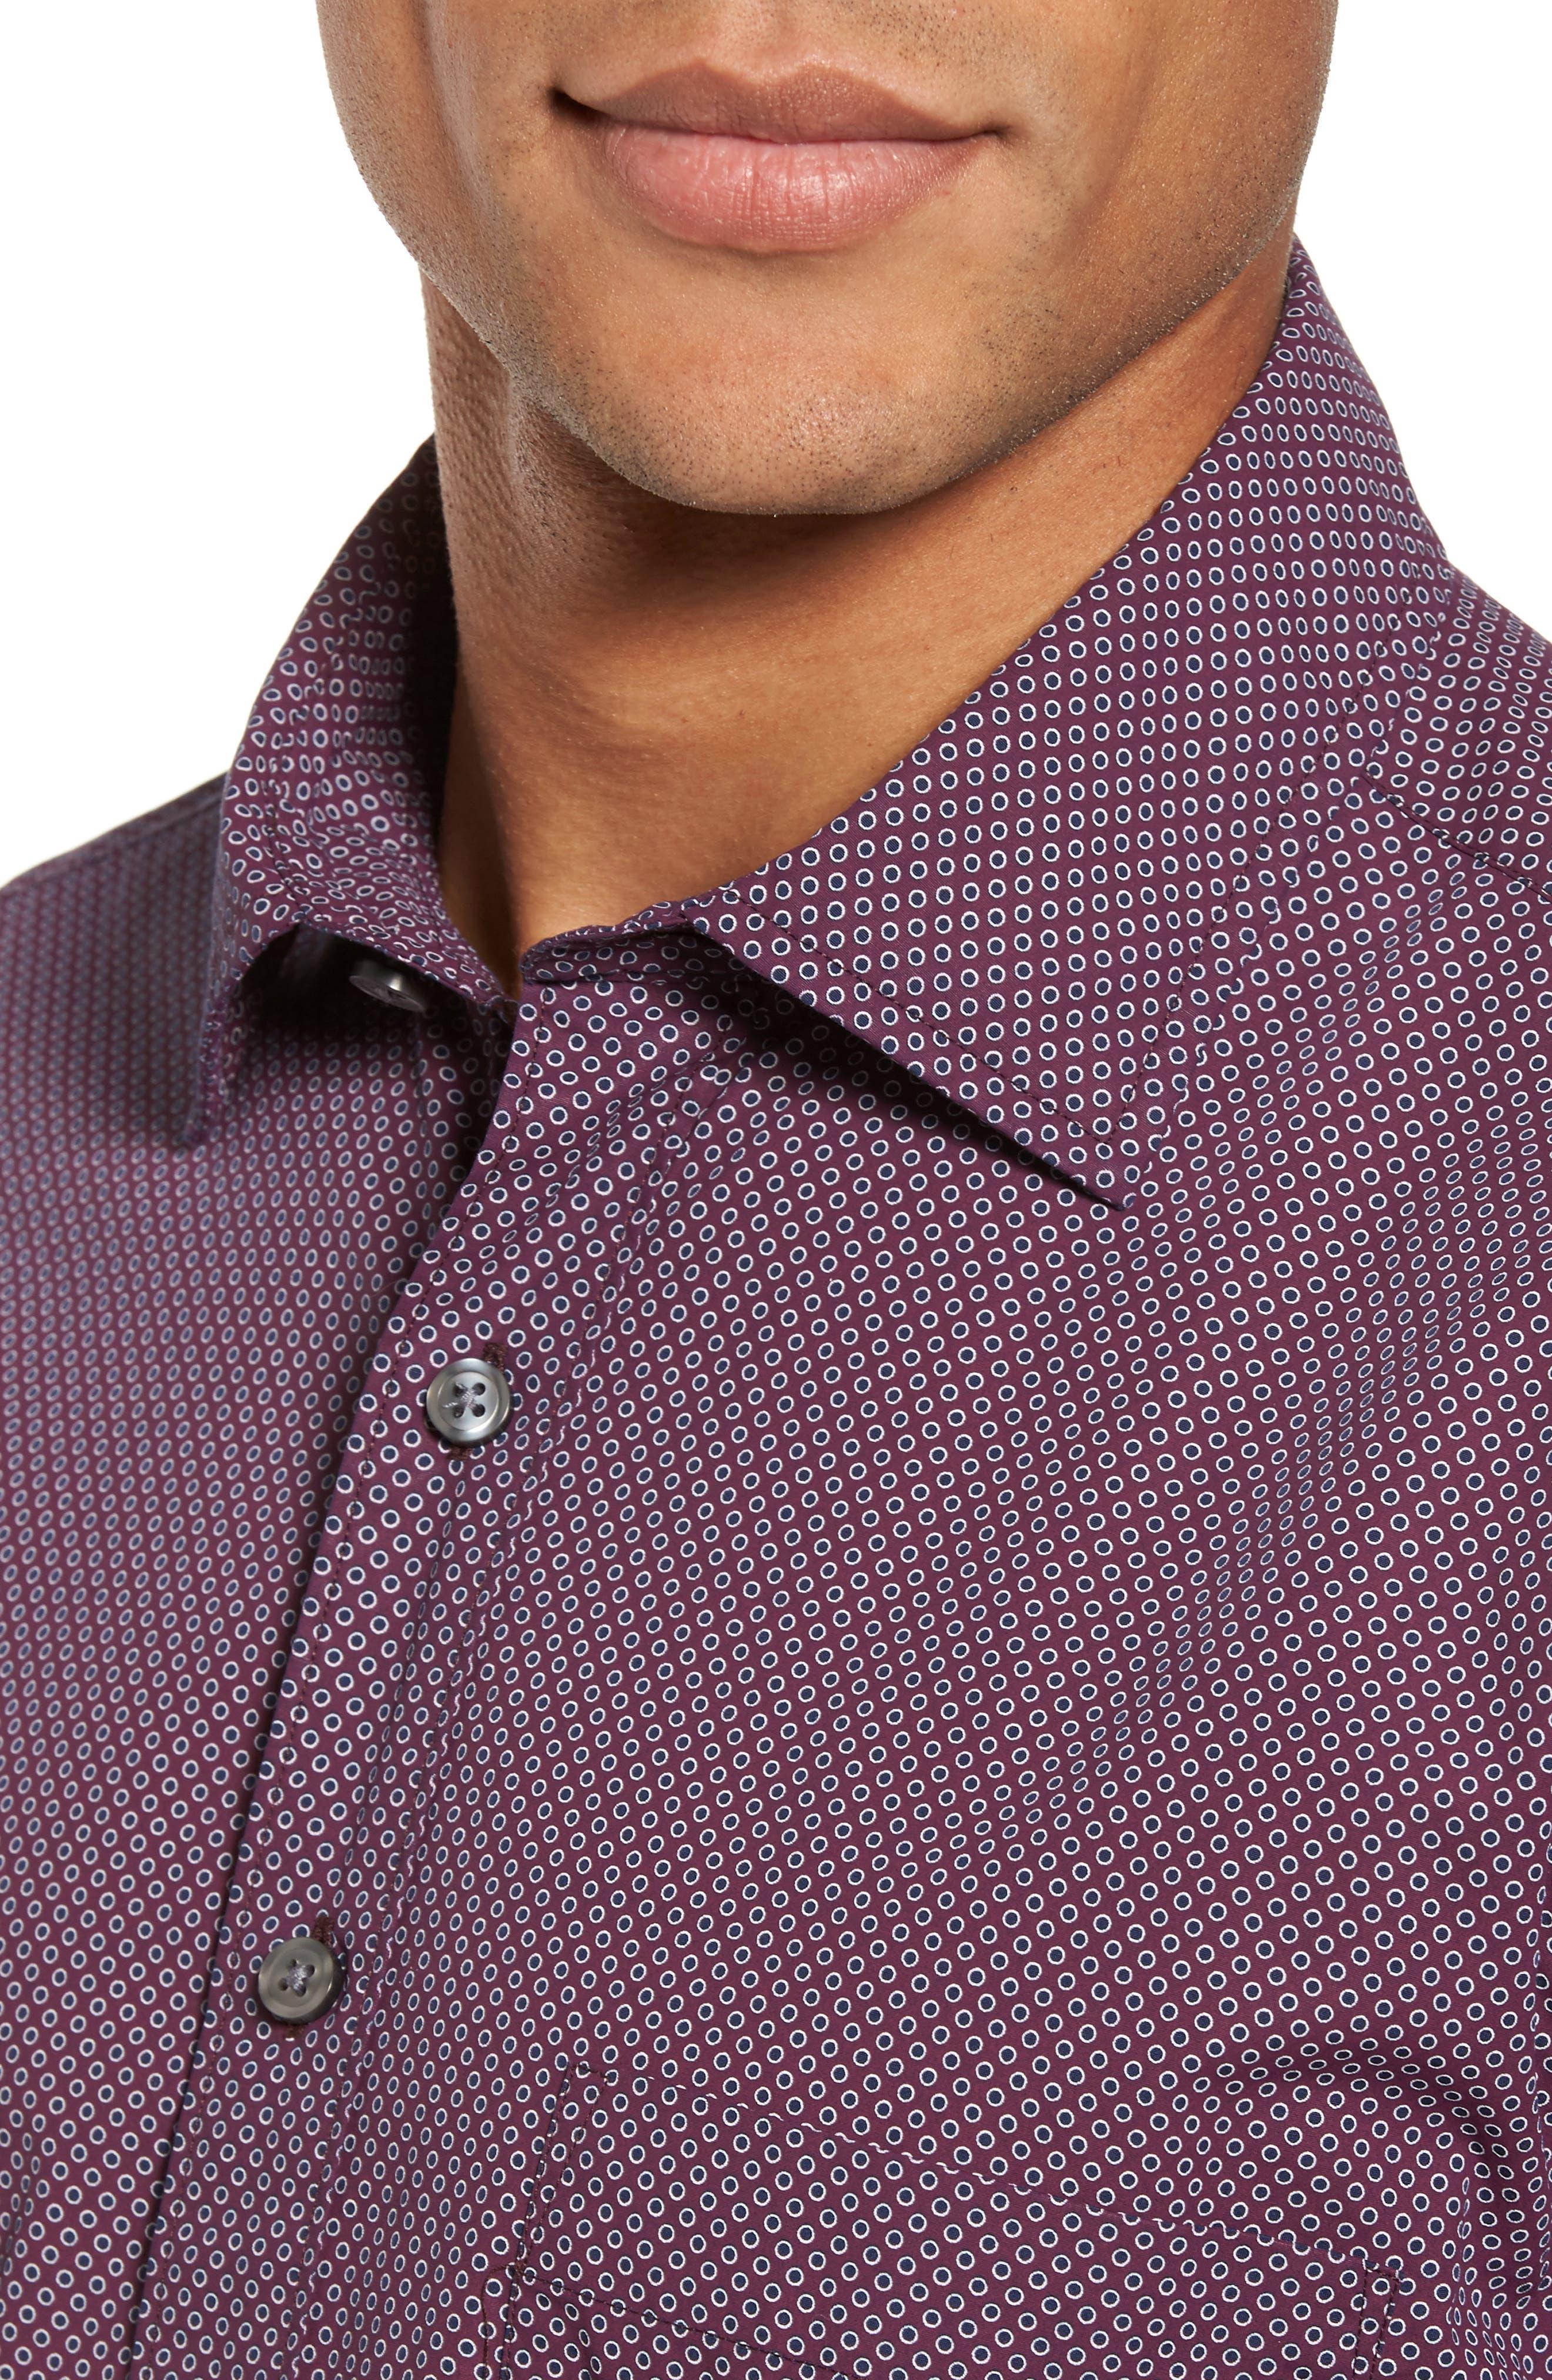 Ingleton Regular Fit Dot Sport Shirt,                             Alternate thumbnail 4, color,                             Merlot